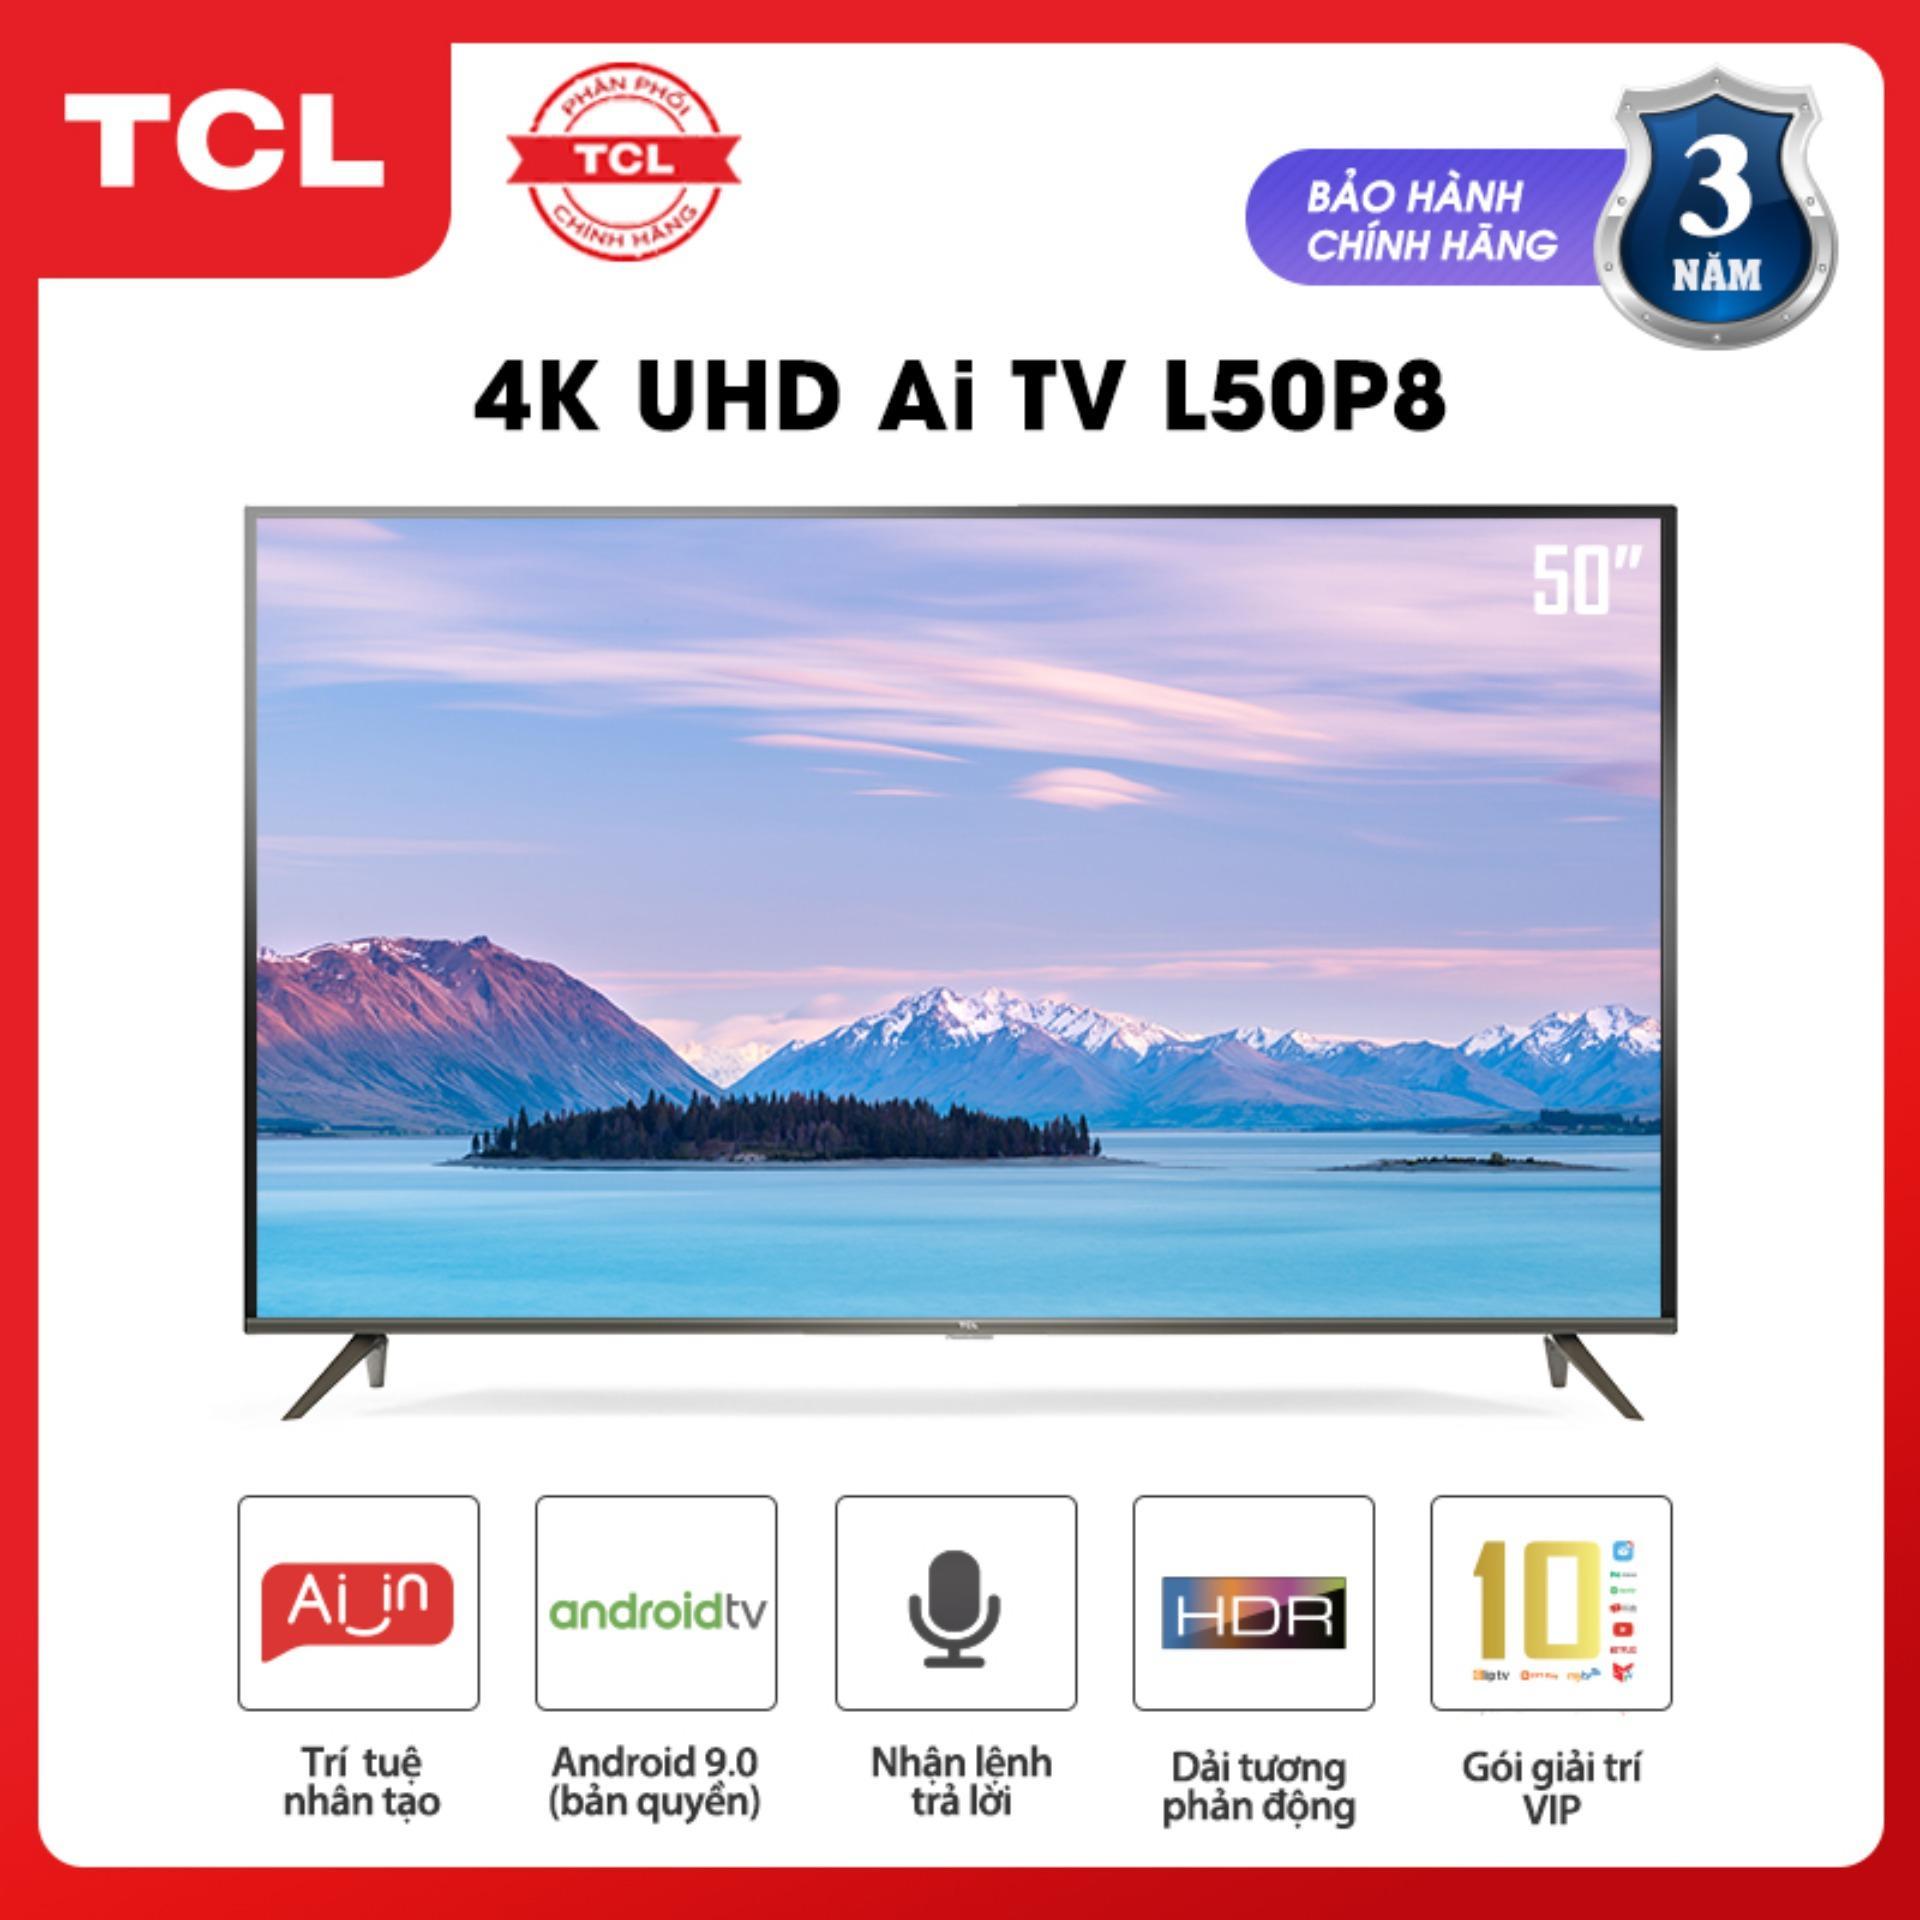 Bảng giá Smart Android 9.0 TV 50 inch TCL 4K UHD wifi - L50P8 - HDR, Micro Dimming, Dolby, Chromecast, T-cast, AI+IN - Tivi giá rẻ chất lượng - Bảo hành 3 năm